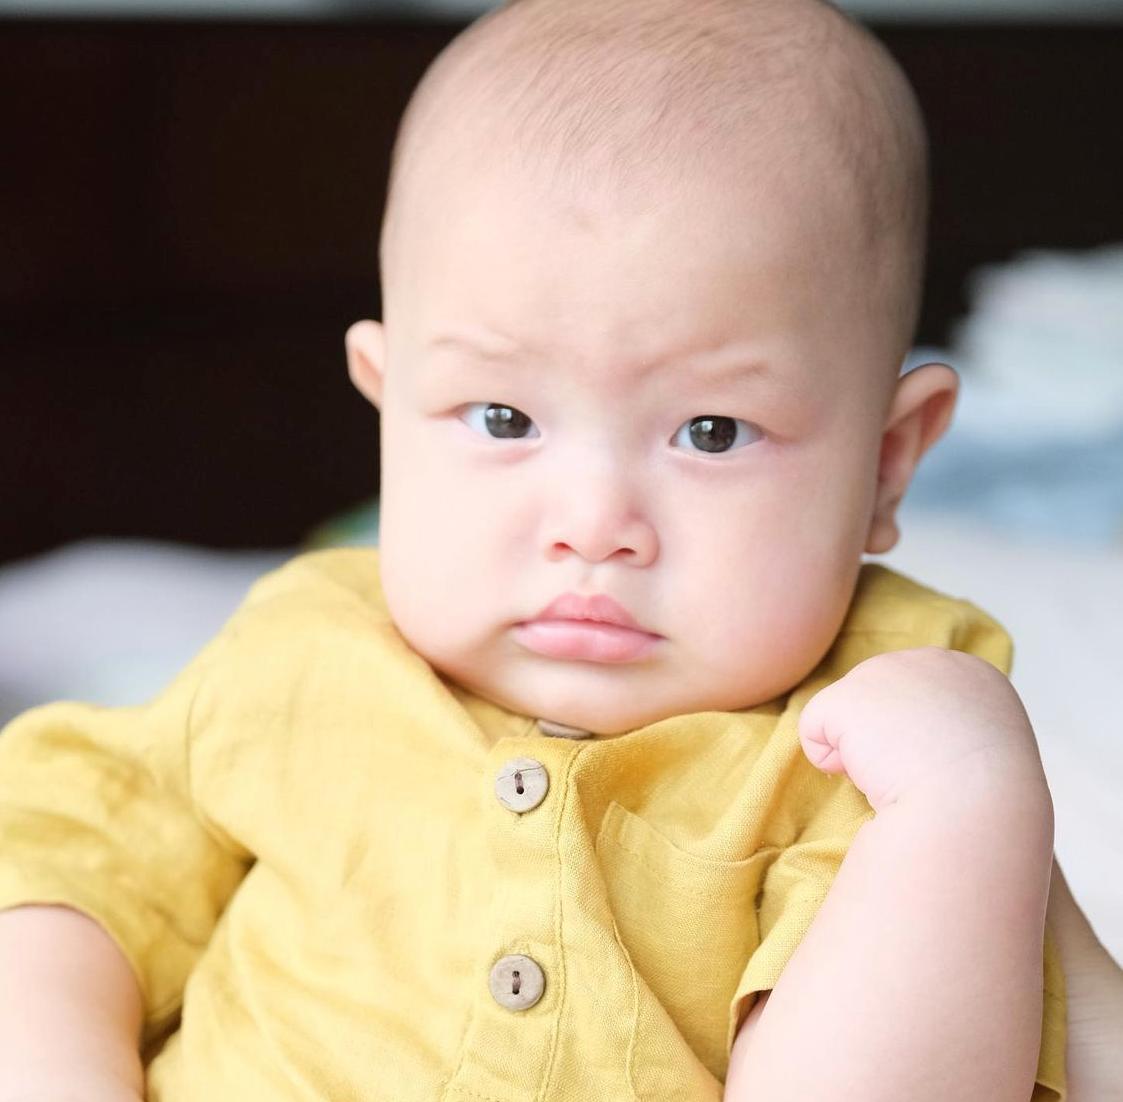 Mỗi ngày, dù bận rộn đến mấy, vợ chồng Hồ Ngọc Hà đều cố gắng sóc con. Cô tiết lộ mình tự tay massage, tắm, vệ sinh cho hai nhóc tỳ mỗi sáng.